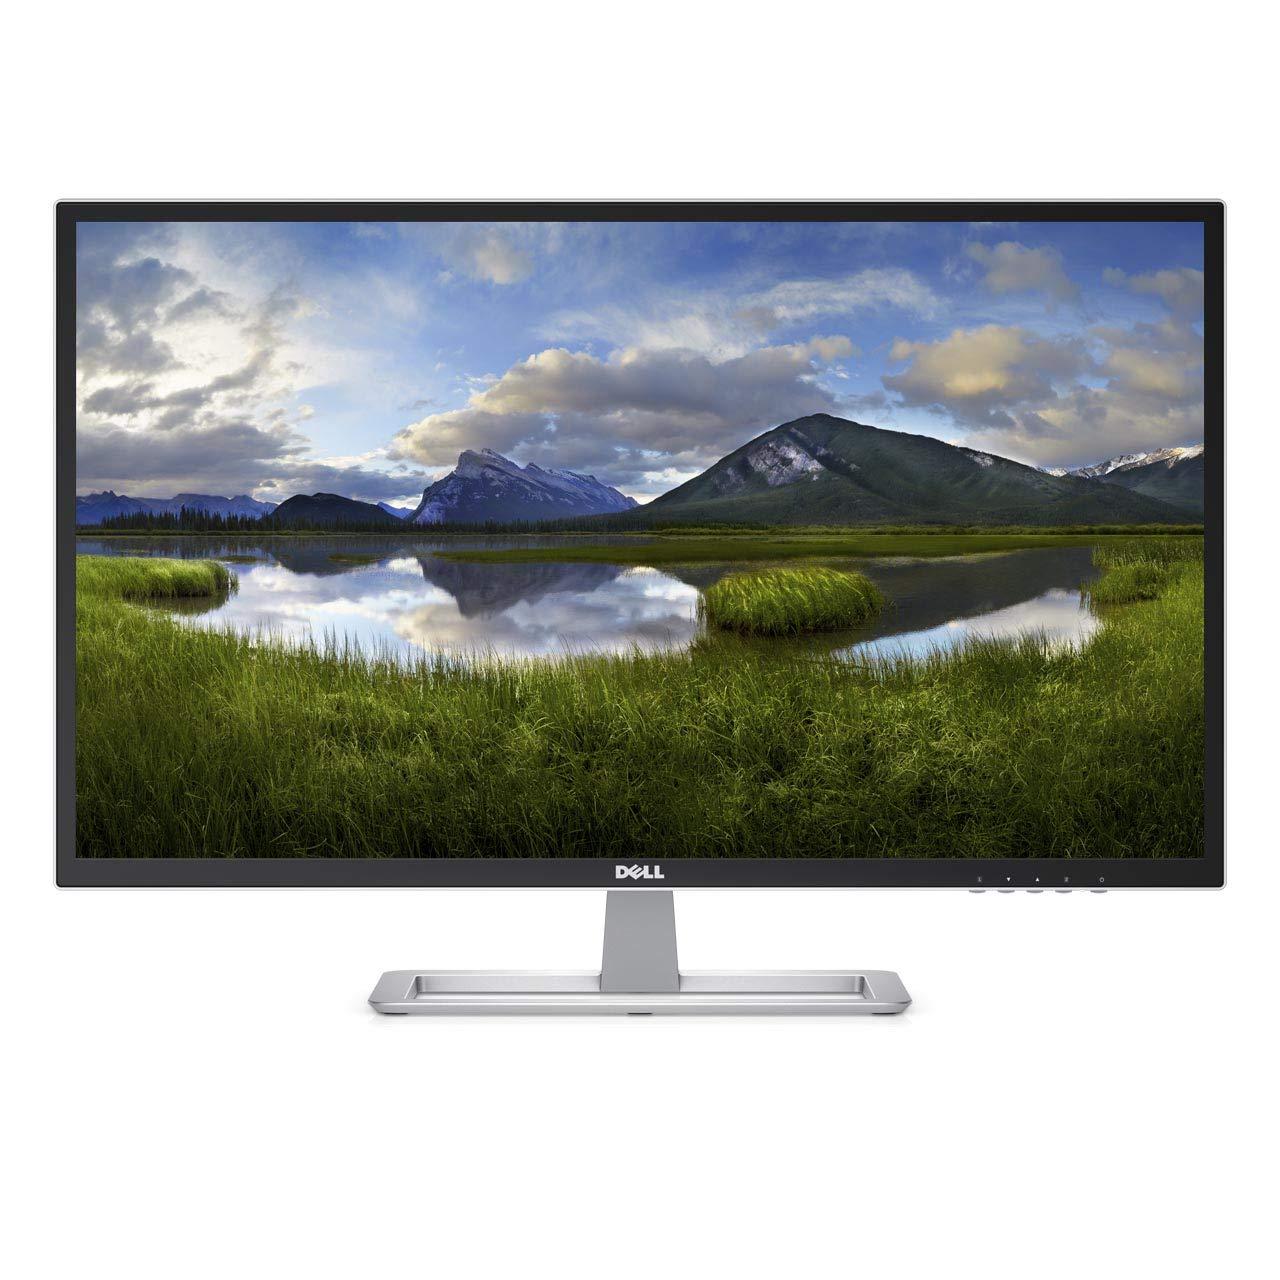 Dell X9R5K - Monitor de escritorio (32 pulgadas, IPS 1920 x 1080 D3218HN, WLED, LCD, monitor X9R5K (renovado): Amazon.es: Electrónica